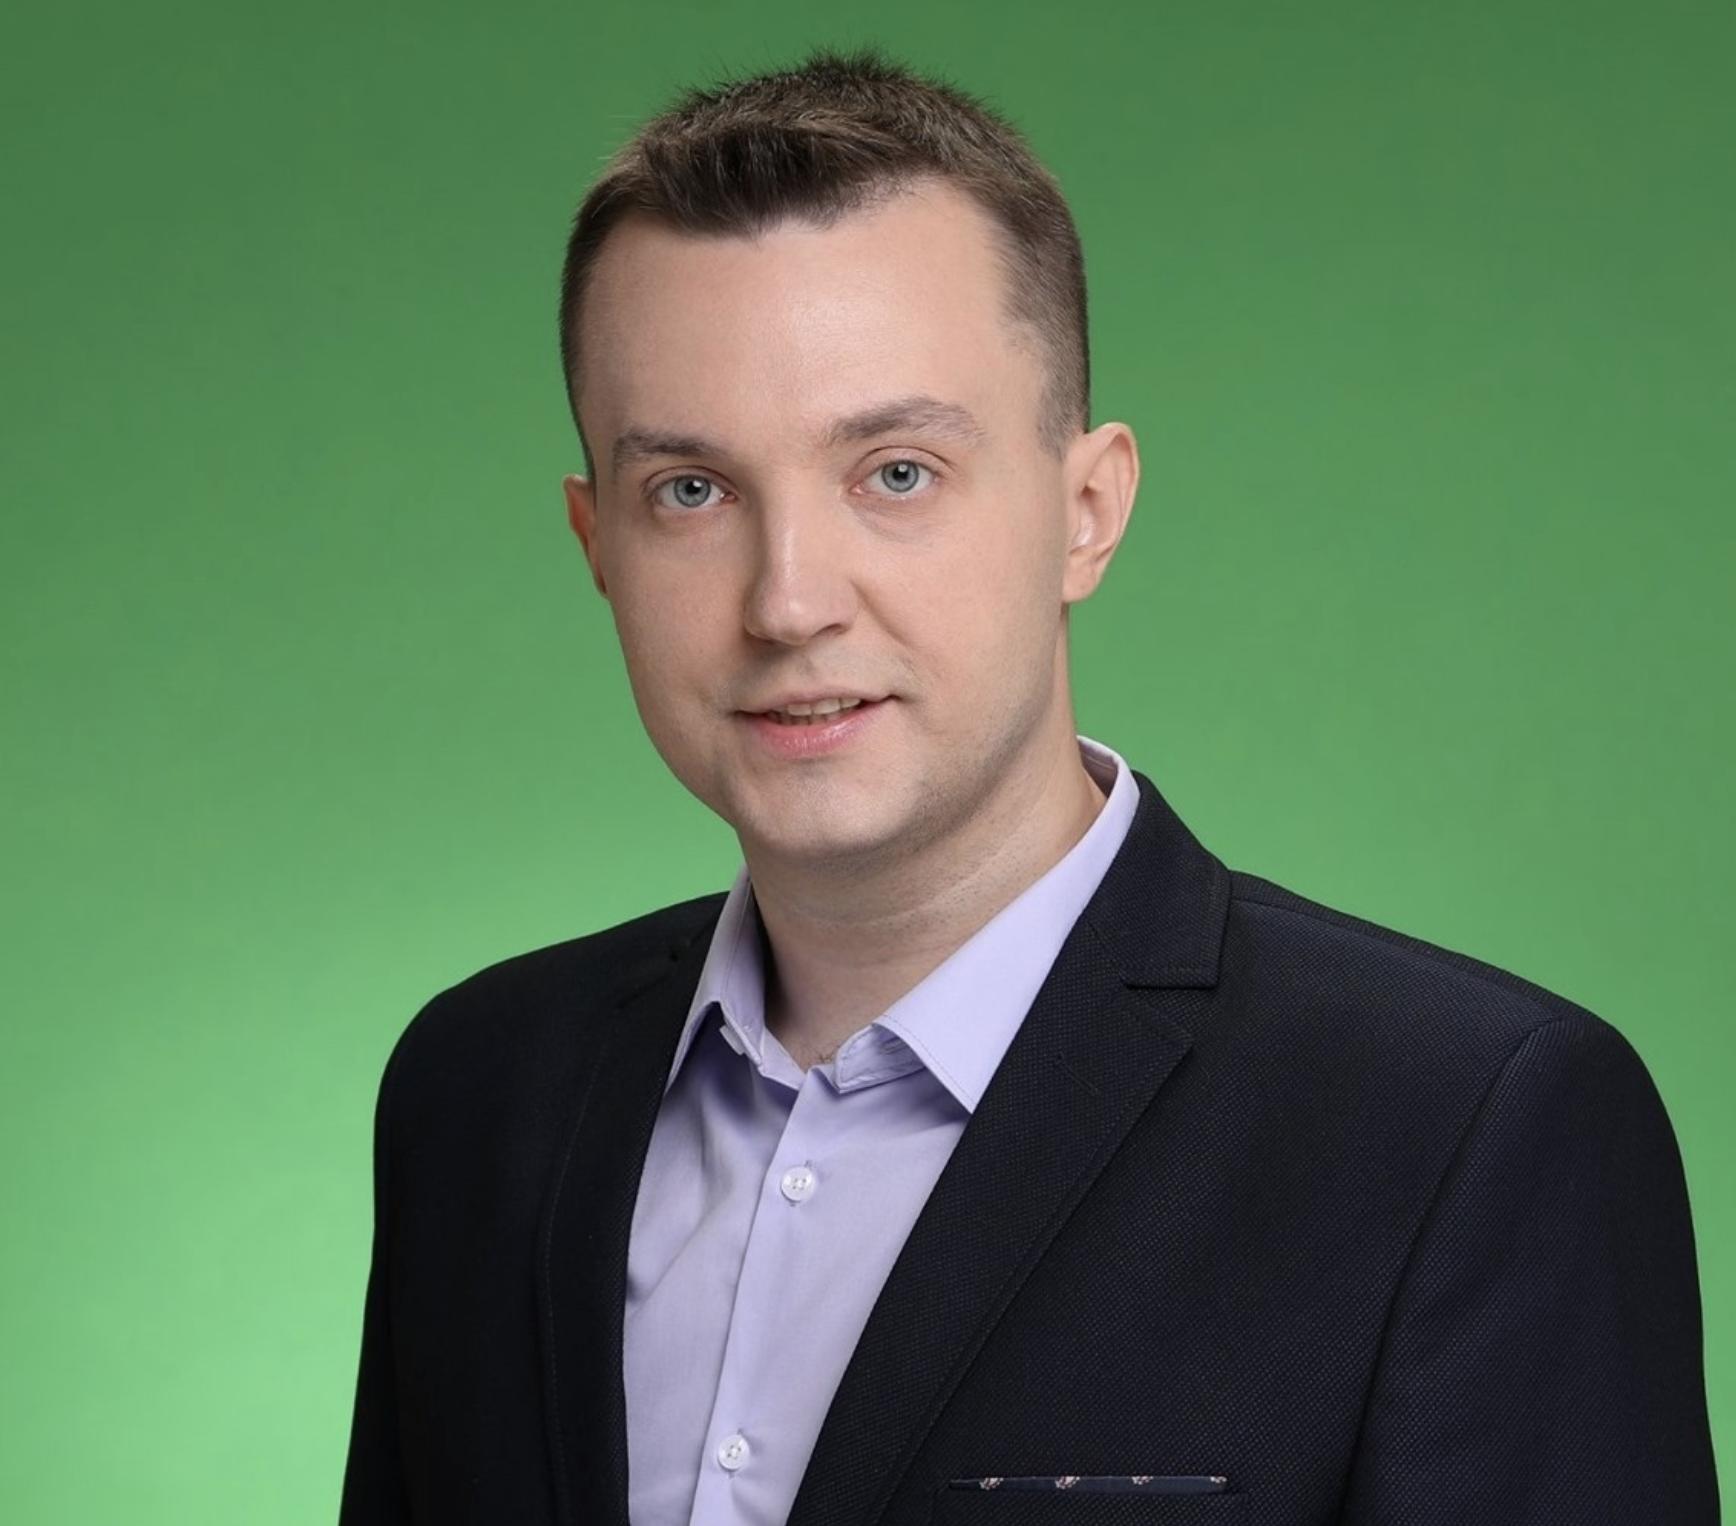 Богуслаев проиграл на округе свадебному фотографу